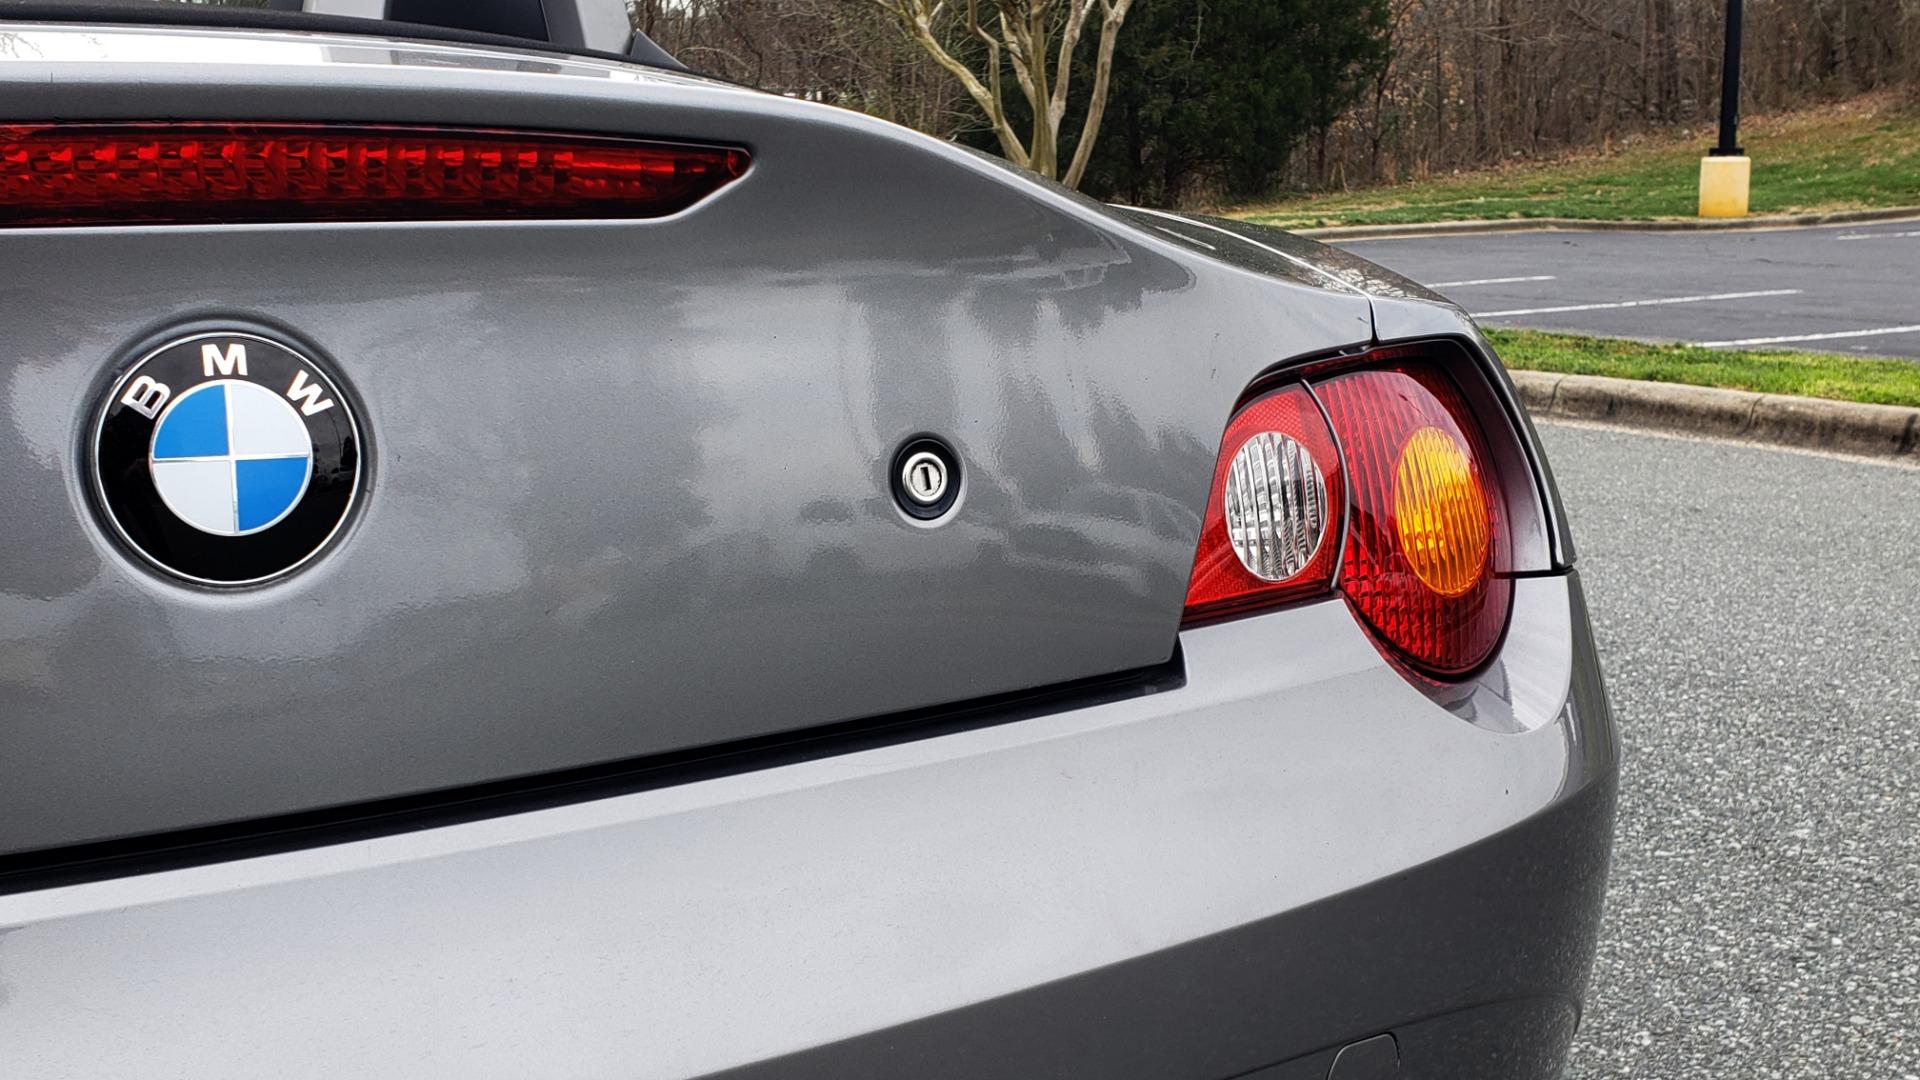 Used 2003 BMW Z4 3.0i ROADSTER / 6-SPD MAN / PREMIUM PKG / SPORT PKG / HTD STS for sale Sold at Formula Imports in Charlotte NC 28227 29